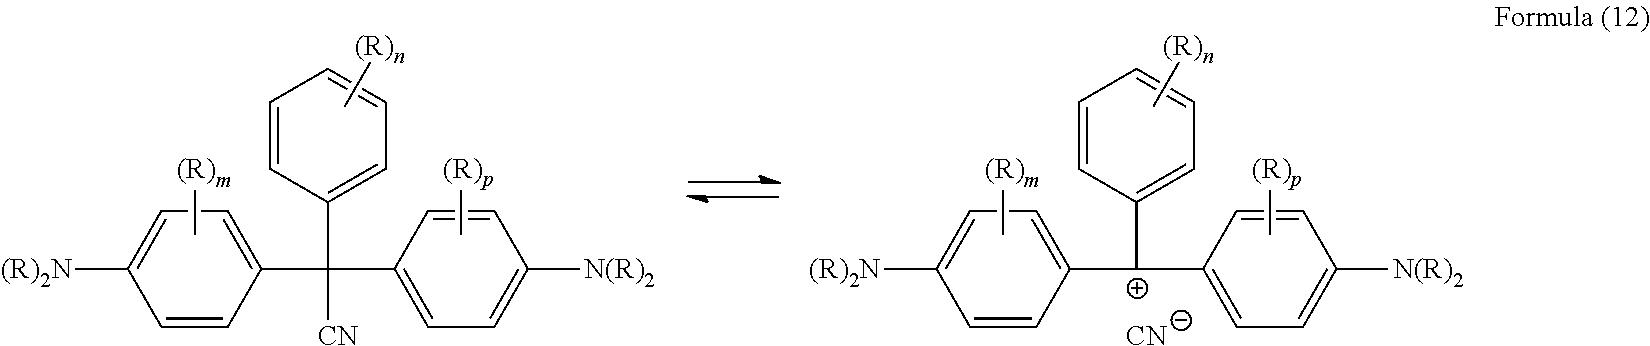 Figure US09868873-20180116-C00019